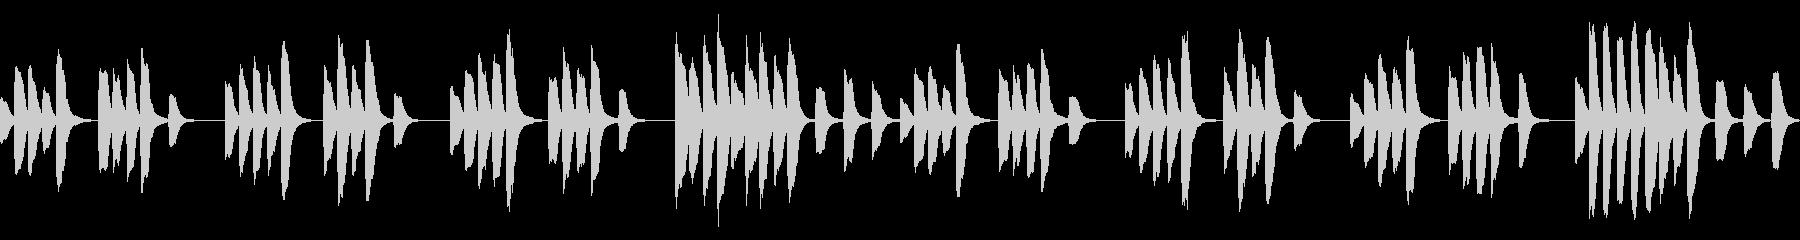 √パズルゲーム等に適したシンプルなBGMの未再生の波形